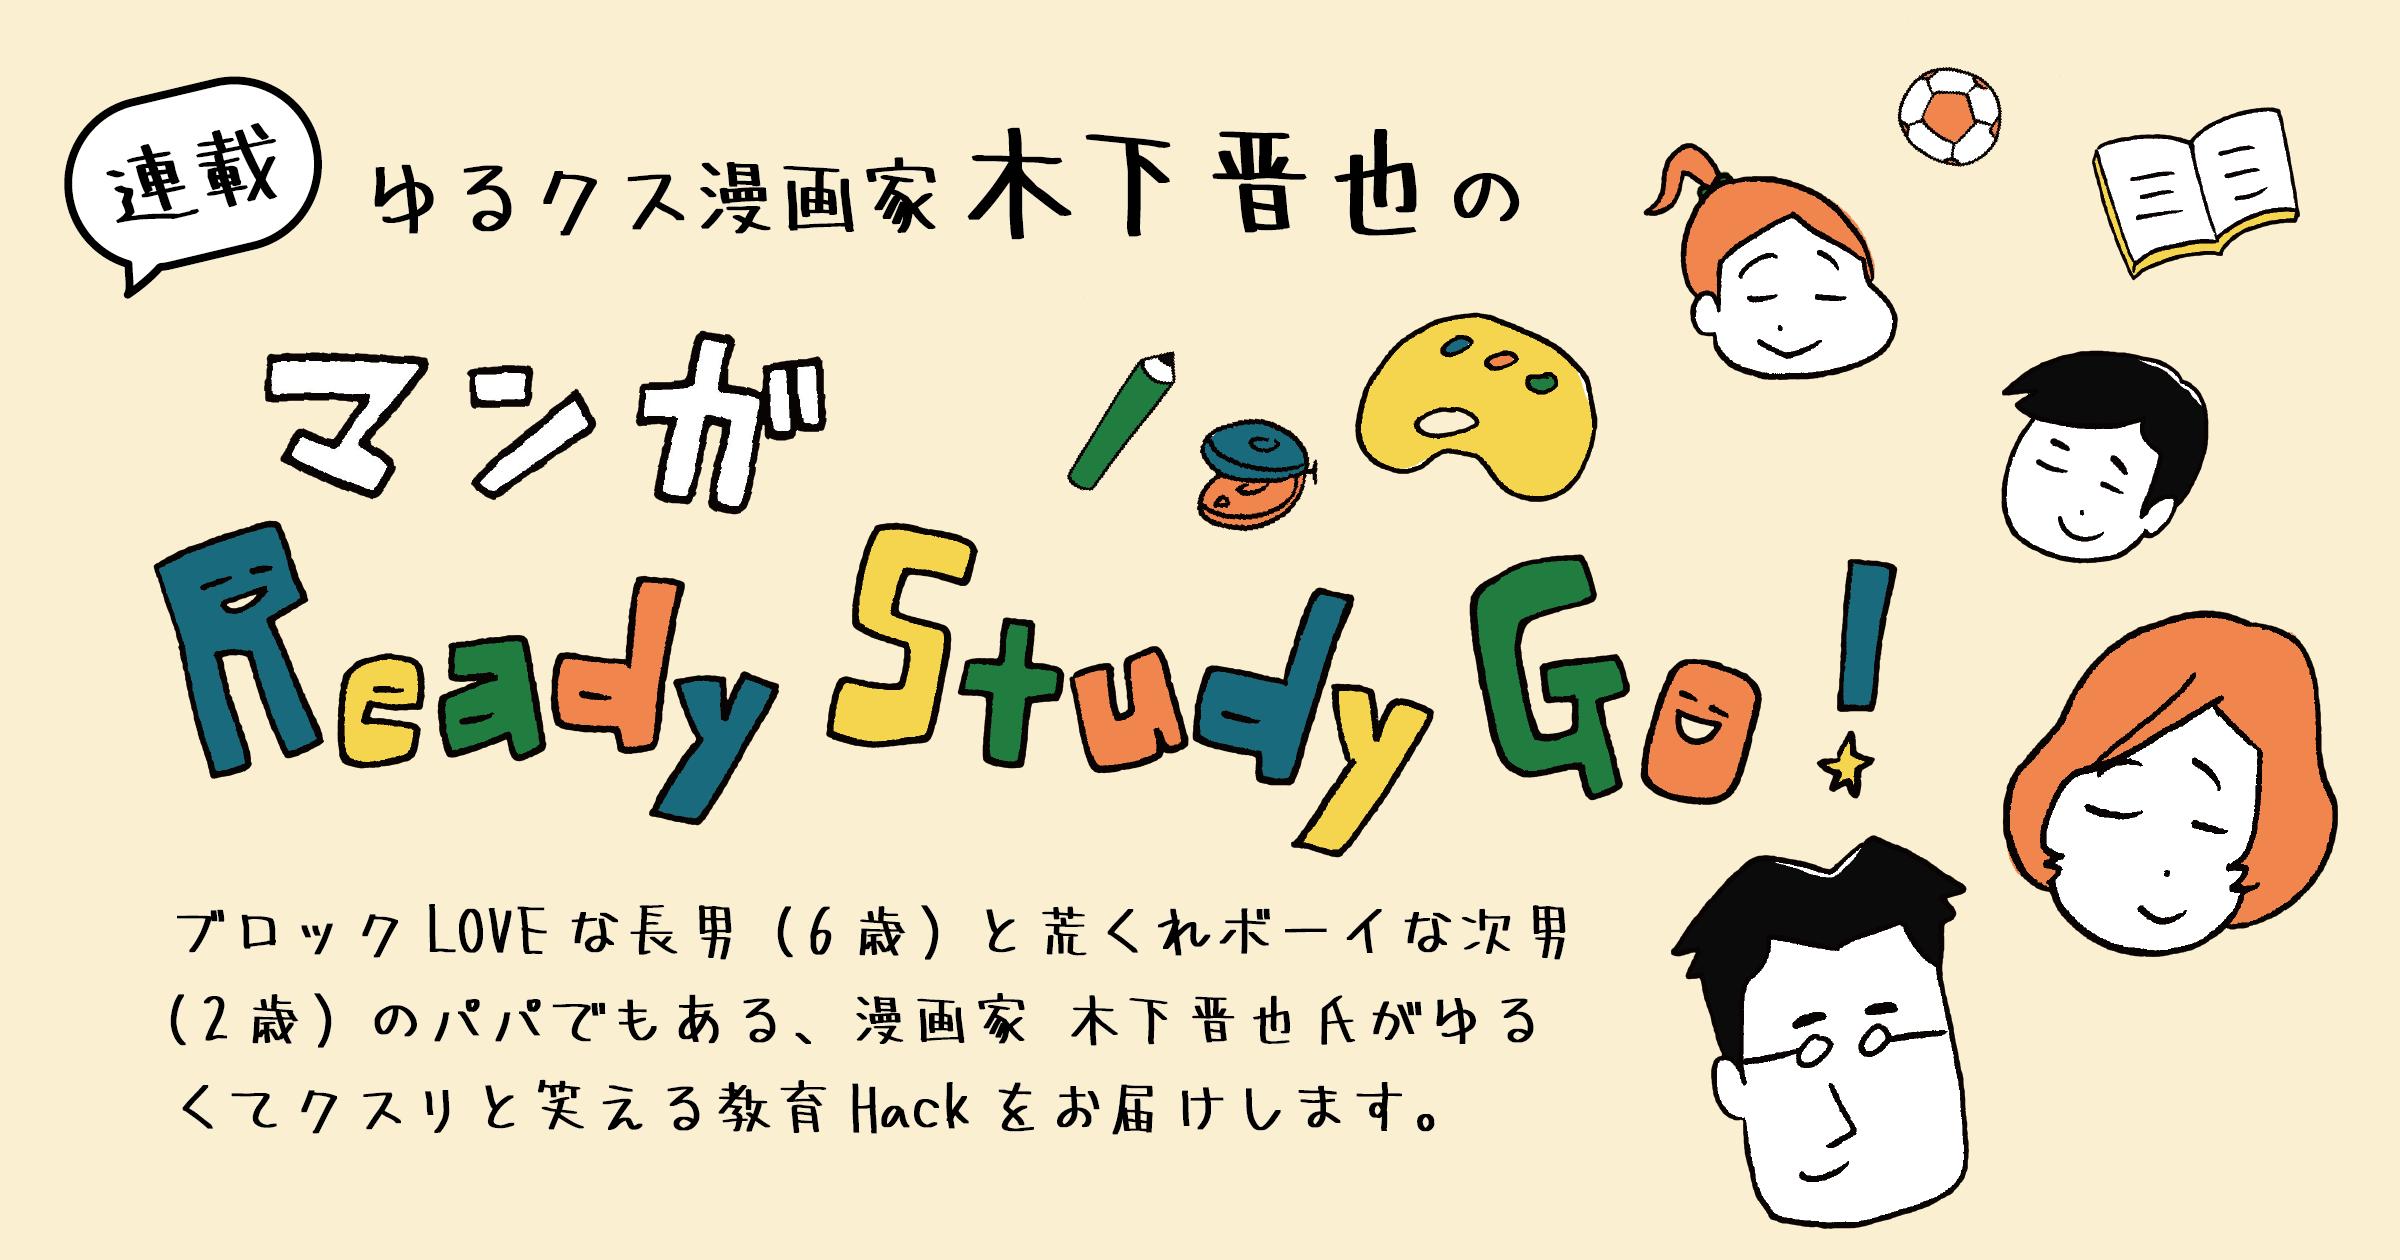 「フランスの子どもたちが消しゴムを使わない理由☆」ゆるクス漫画家 木下晋也のマンガ Ready Study Go!【第14回】